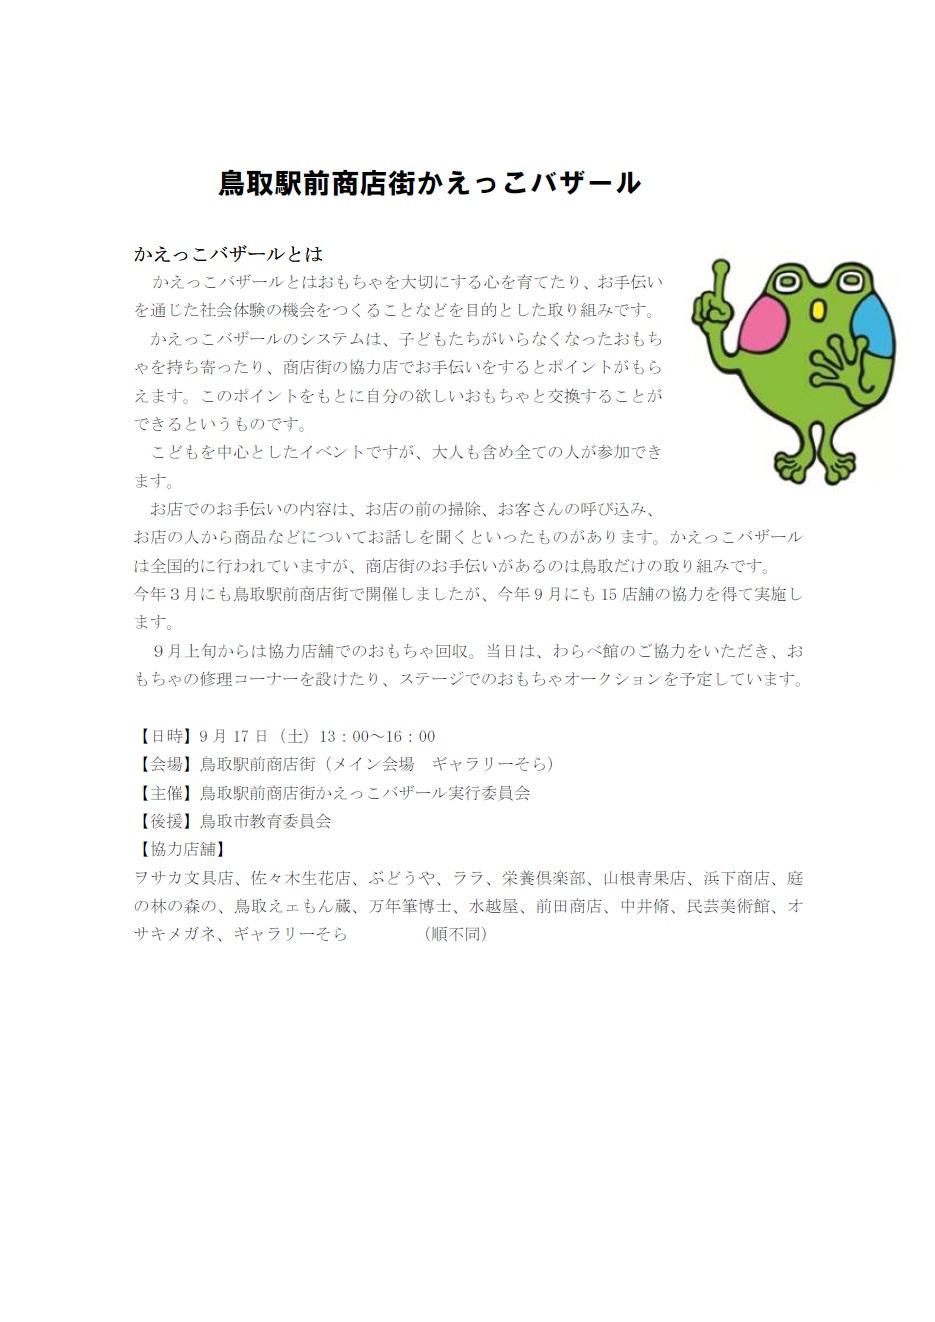 鳥取県鳥取市からの開催情報_b0087598_16382188.jpg